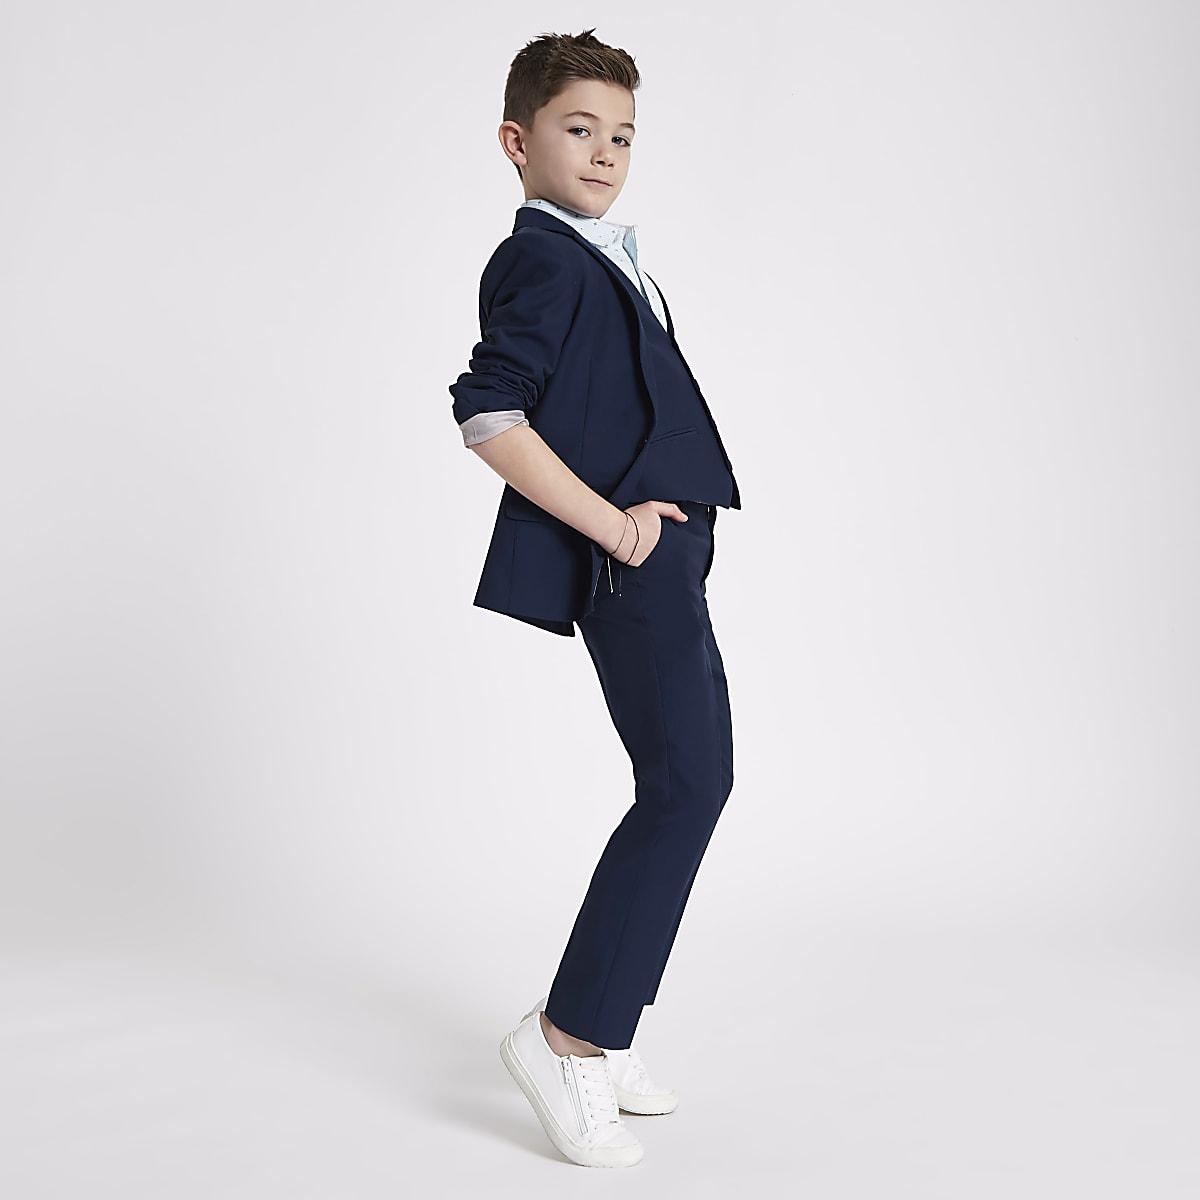 17080a9b455e92 Boys navy suit trousers - Suit Trousers - Suits - boys